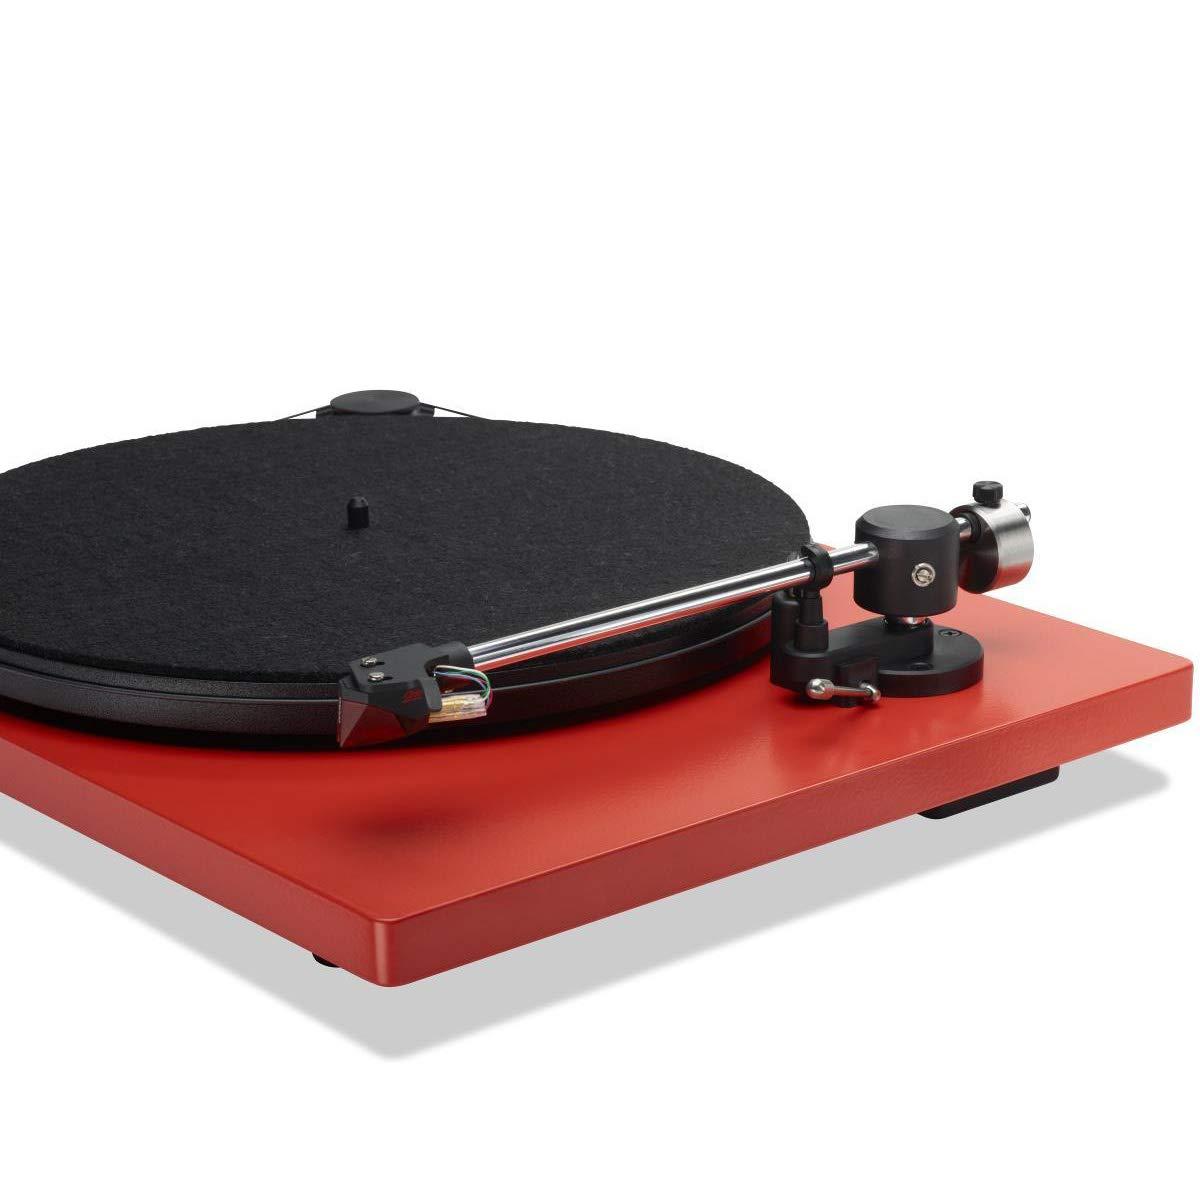 Amazon.com: U-Turn Audio - Tocadiscos Orbit Plus con ...